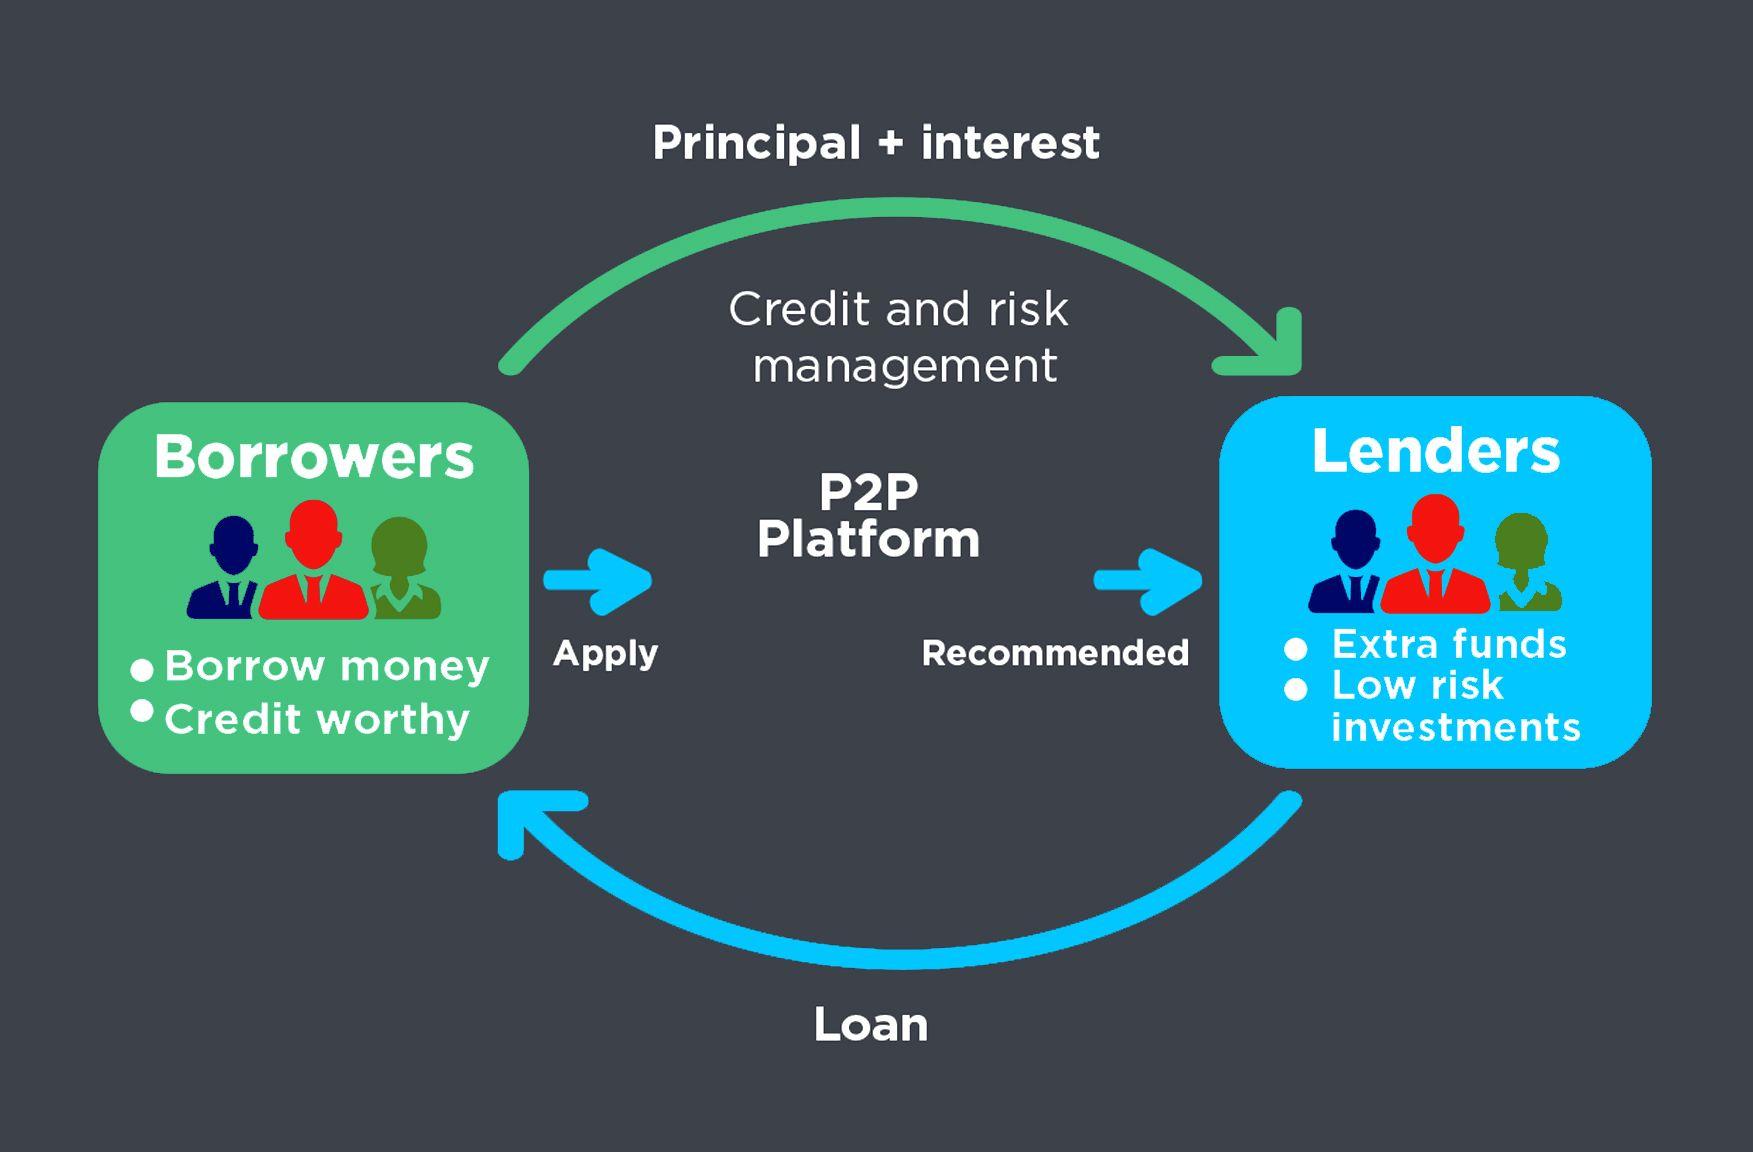 Cimb express cash loan image 4